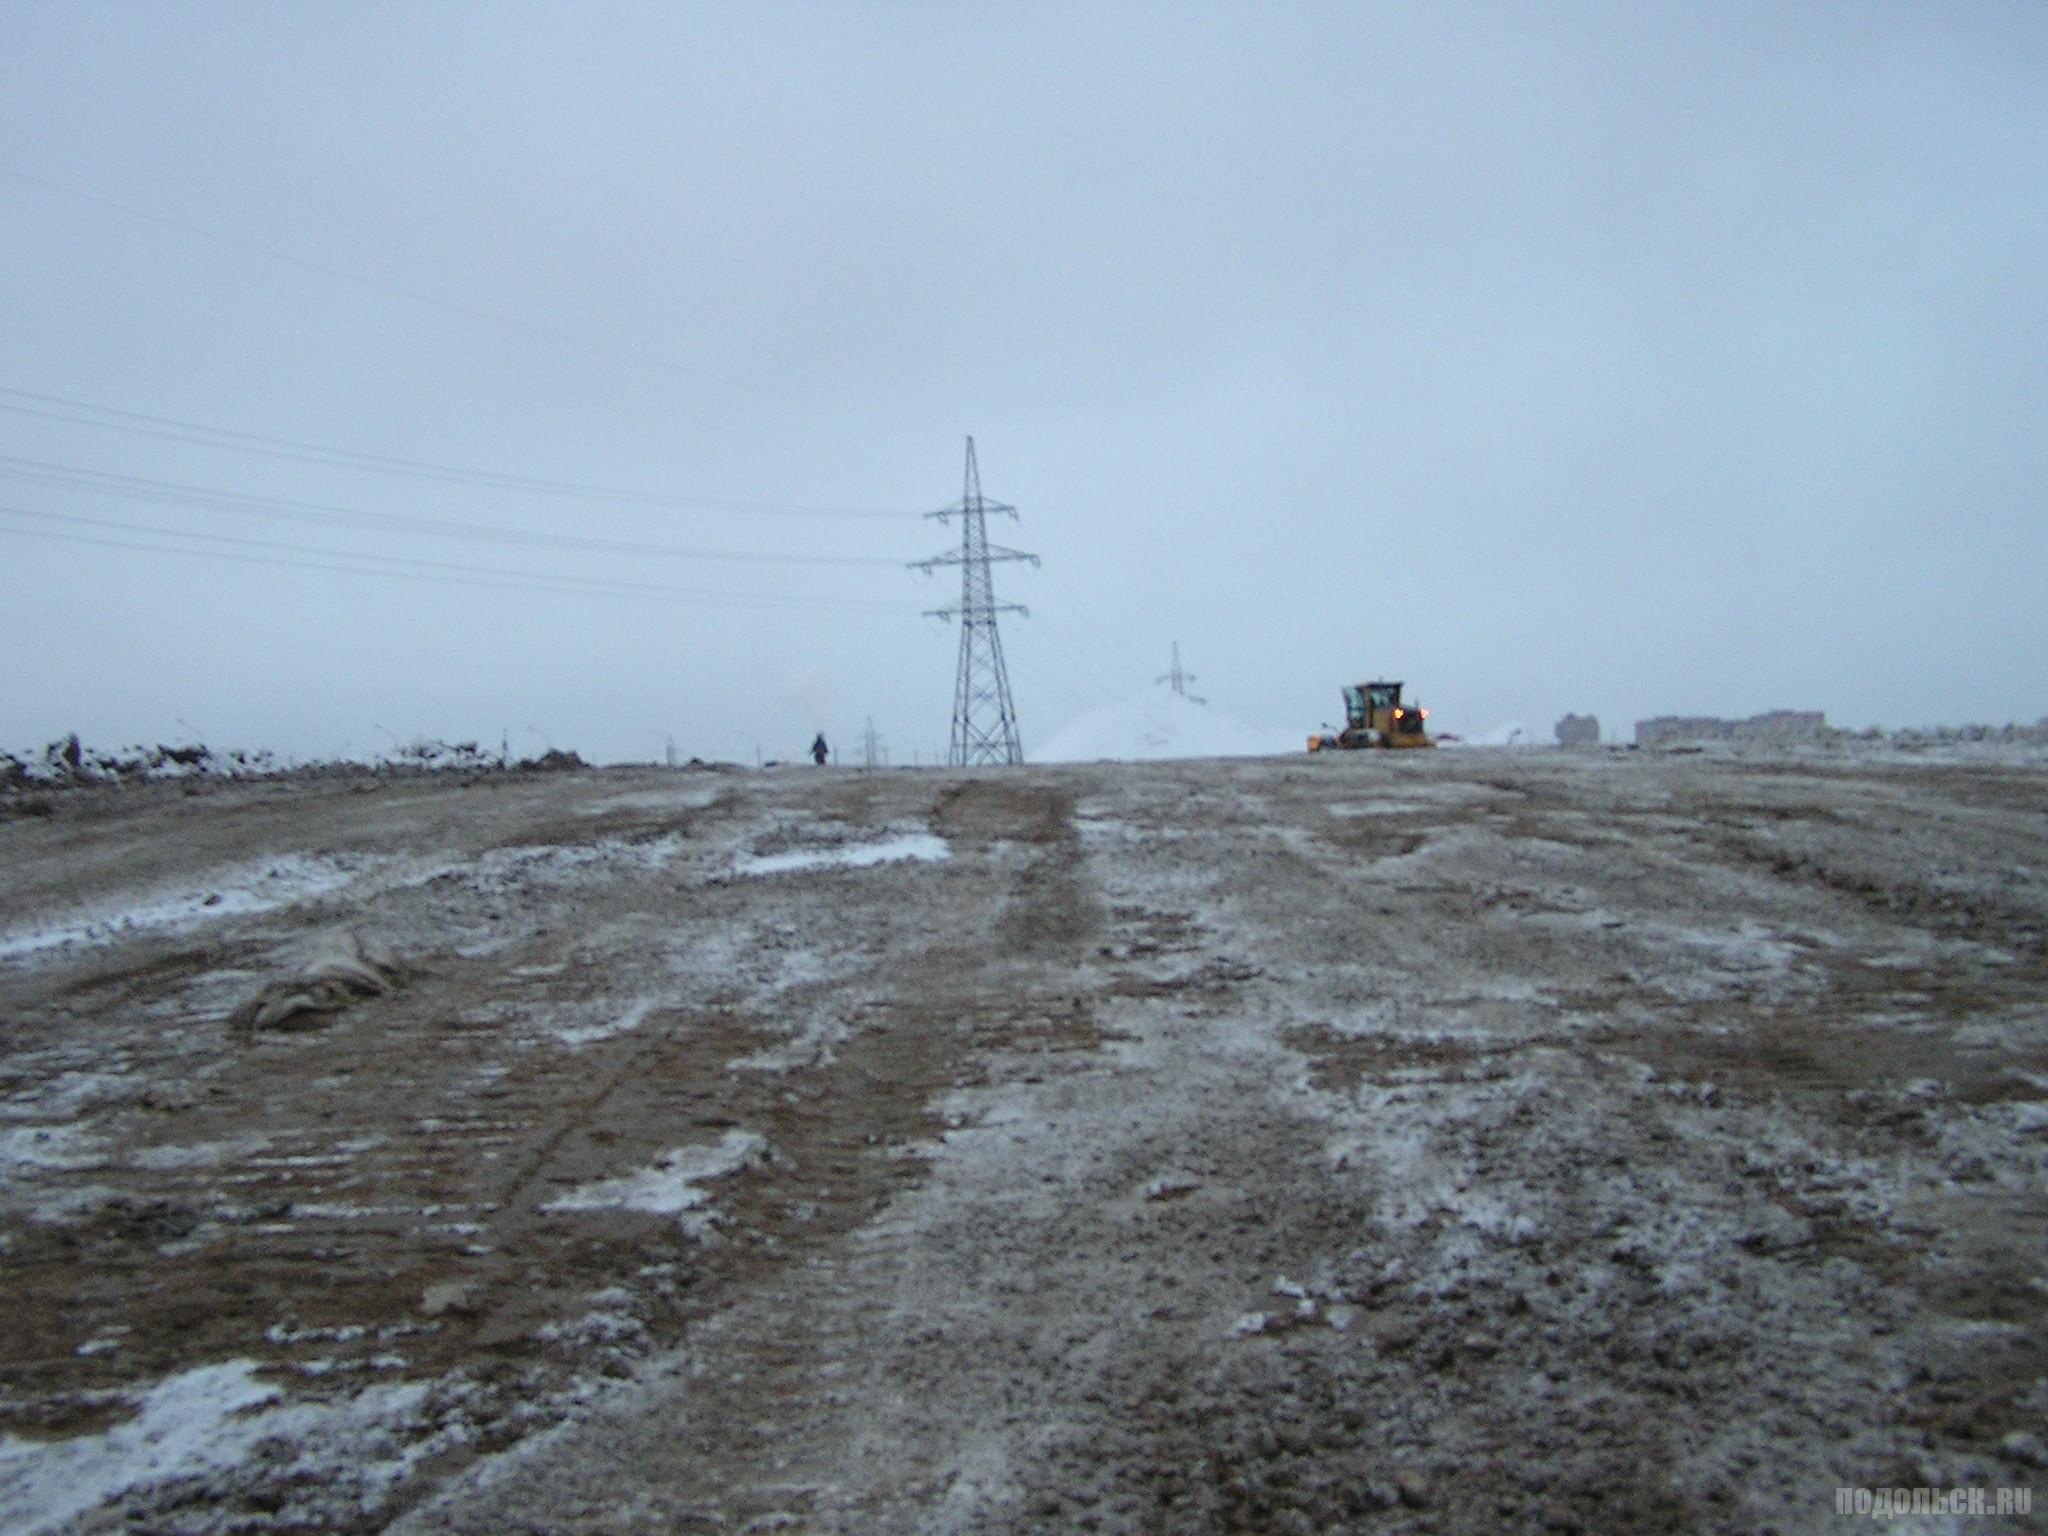 Вид на поле в Сергеевке. 3 декабря 2016 г.